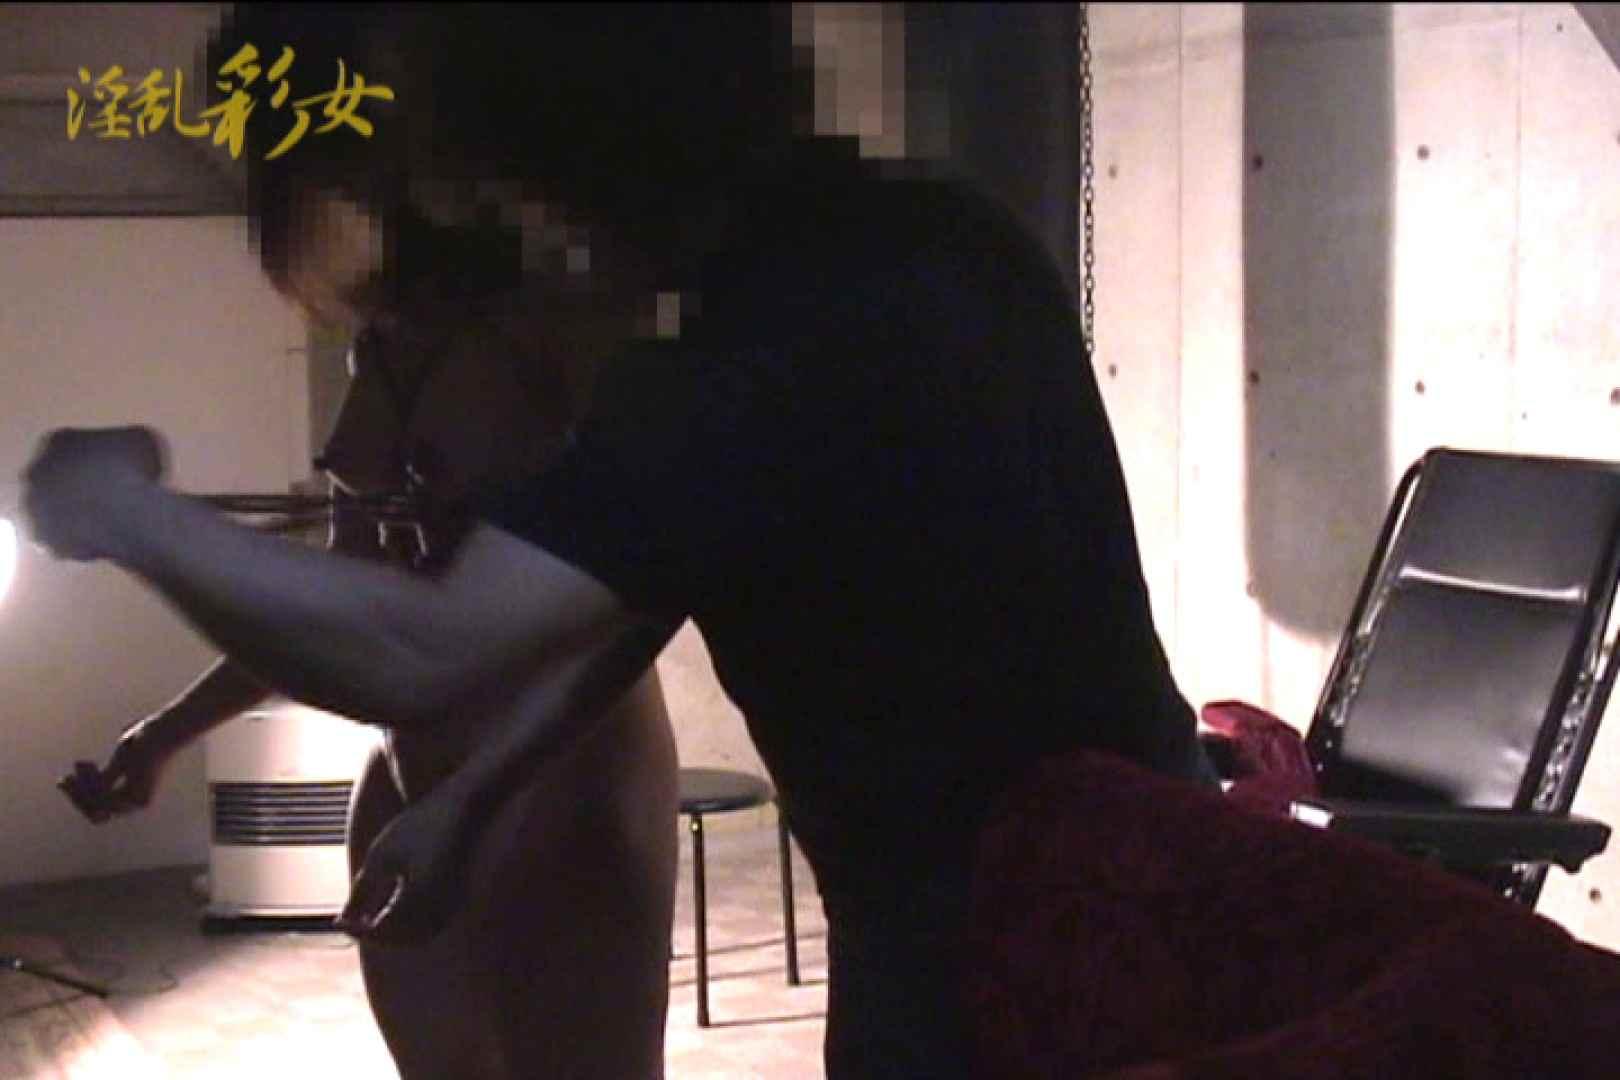 淫乱彩女 麻優里 スタジオで撮影 人妻のエロ生活  106連発 15